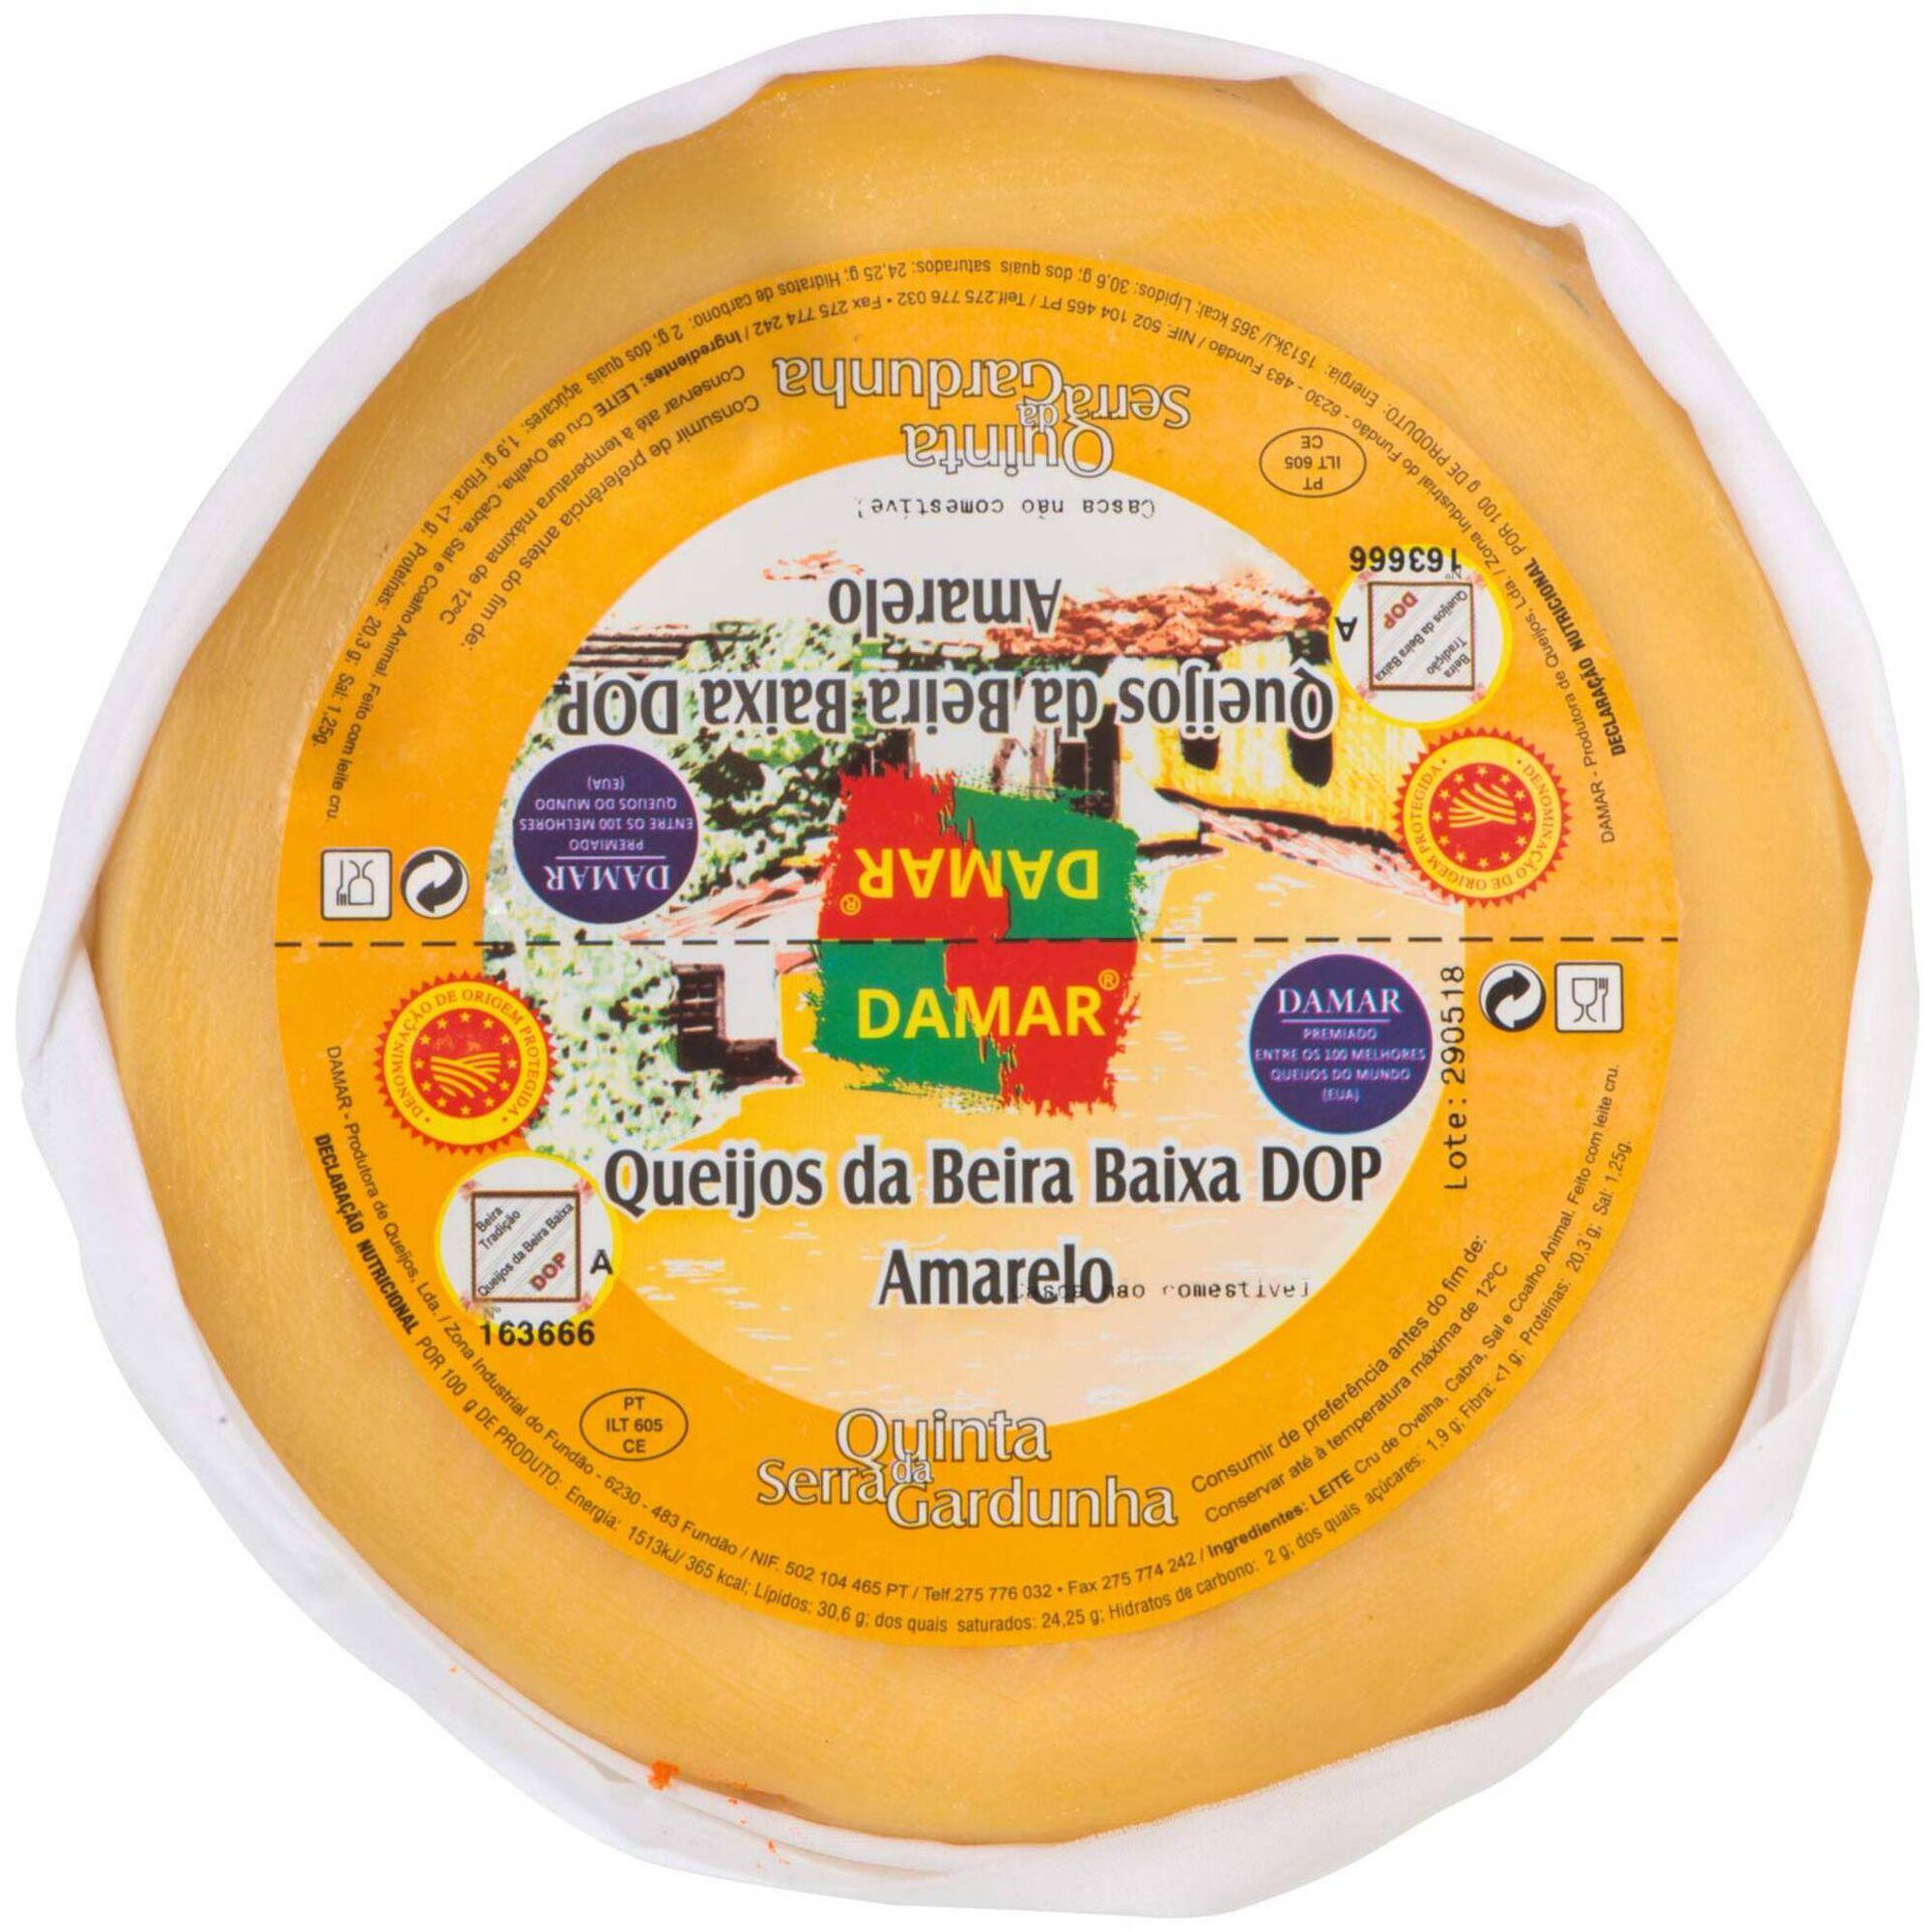 Queijo Amarela Beira Baixa